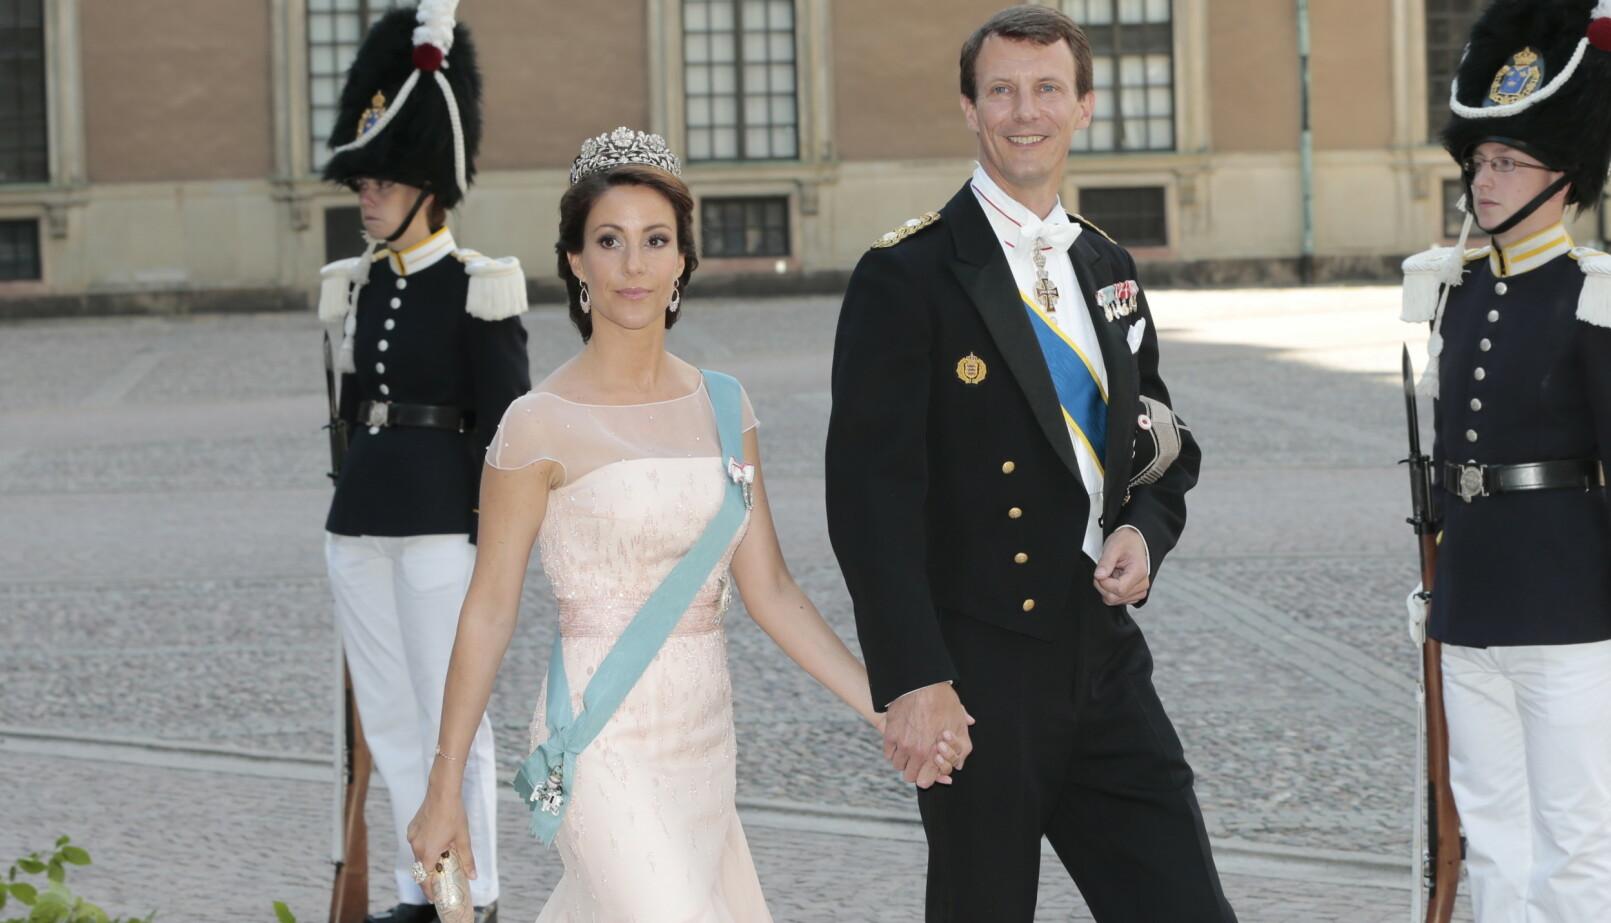 PÅ BEDRINGENS VEI: Prins Joachim er på bedringens vei. Foto: NTB Scanpix